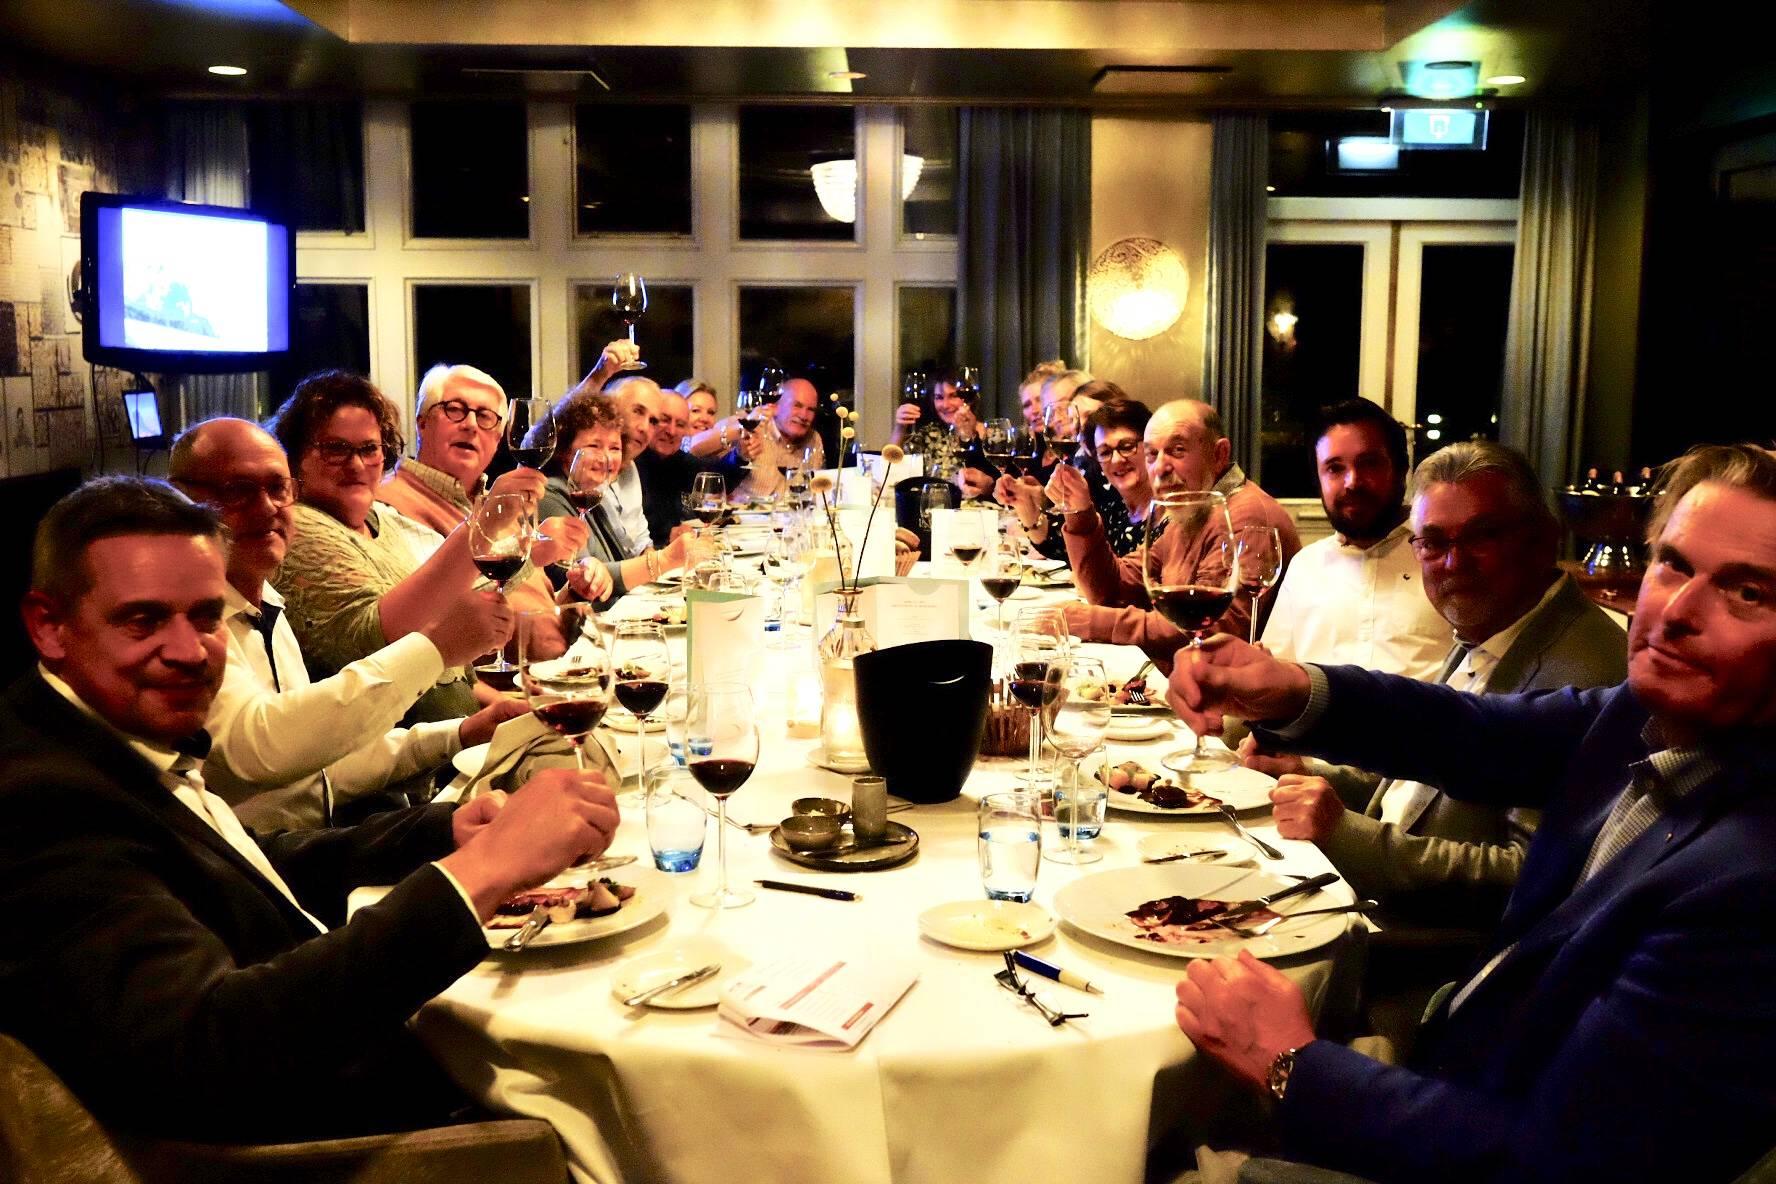 Wijnmakers diner Zuid Afrika in De Wilmersberg